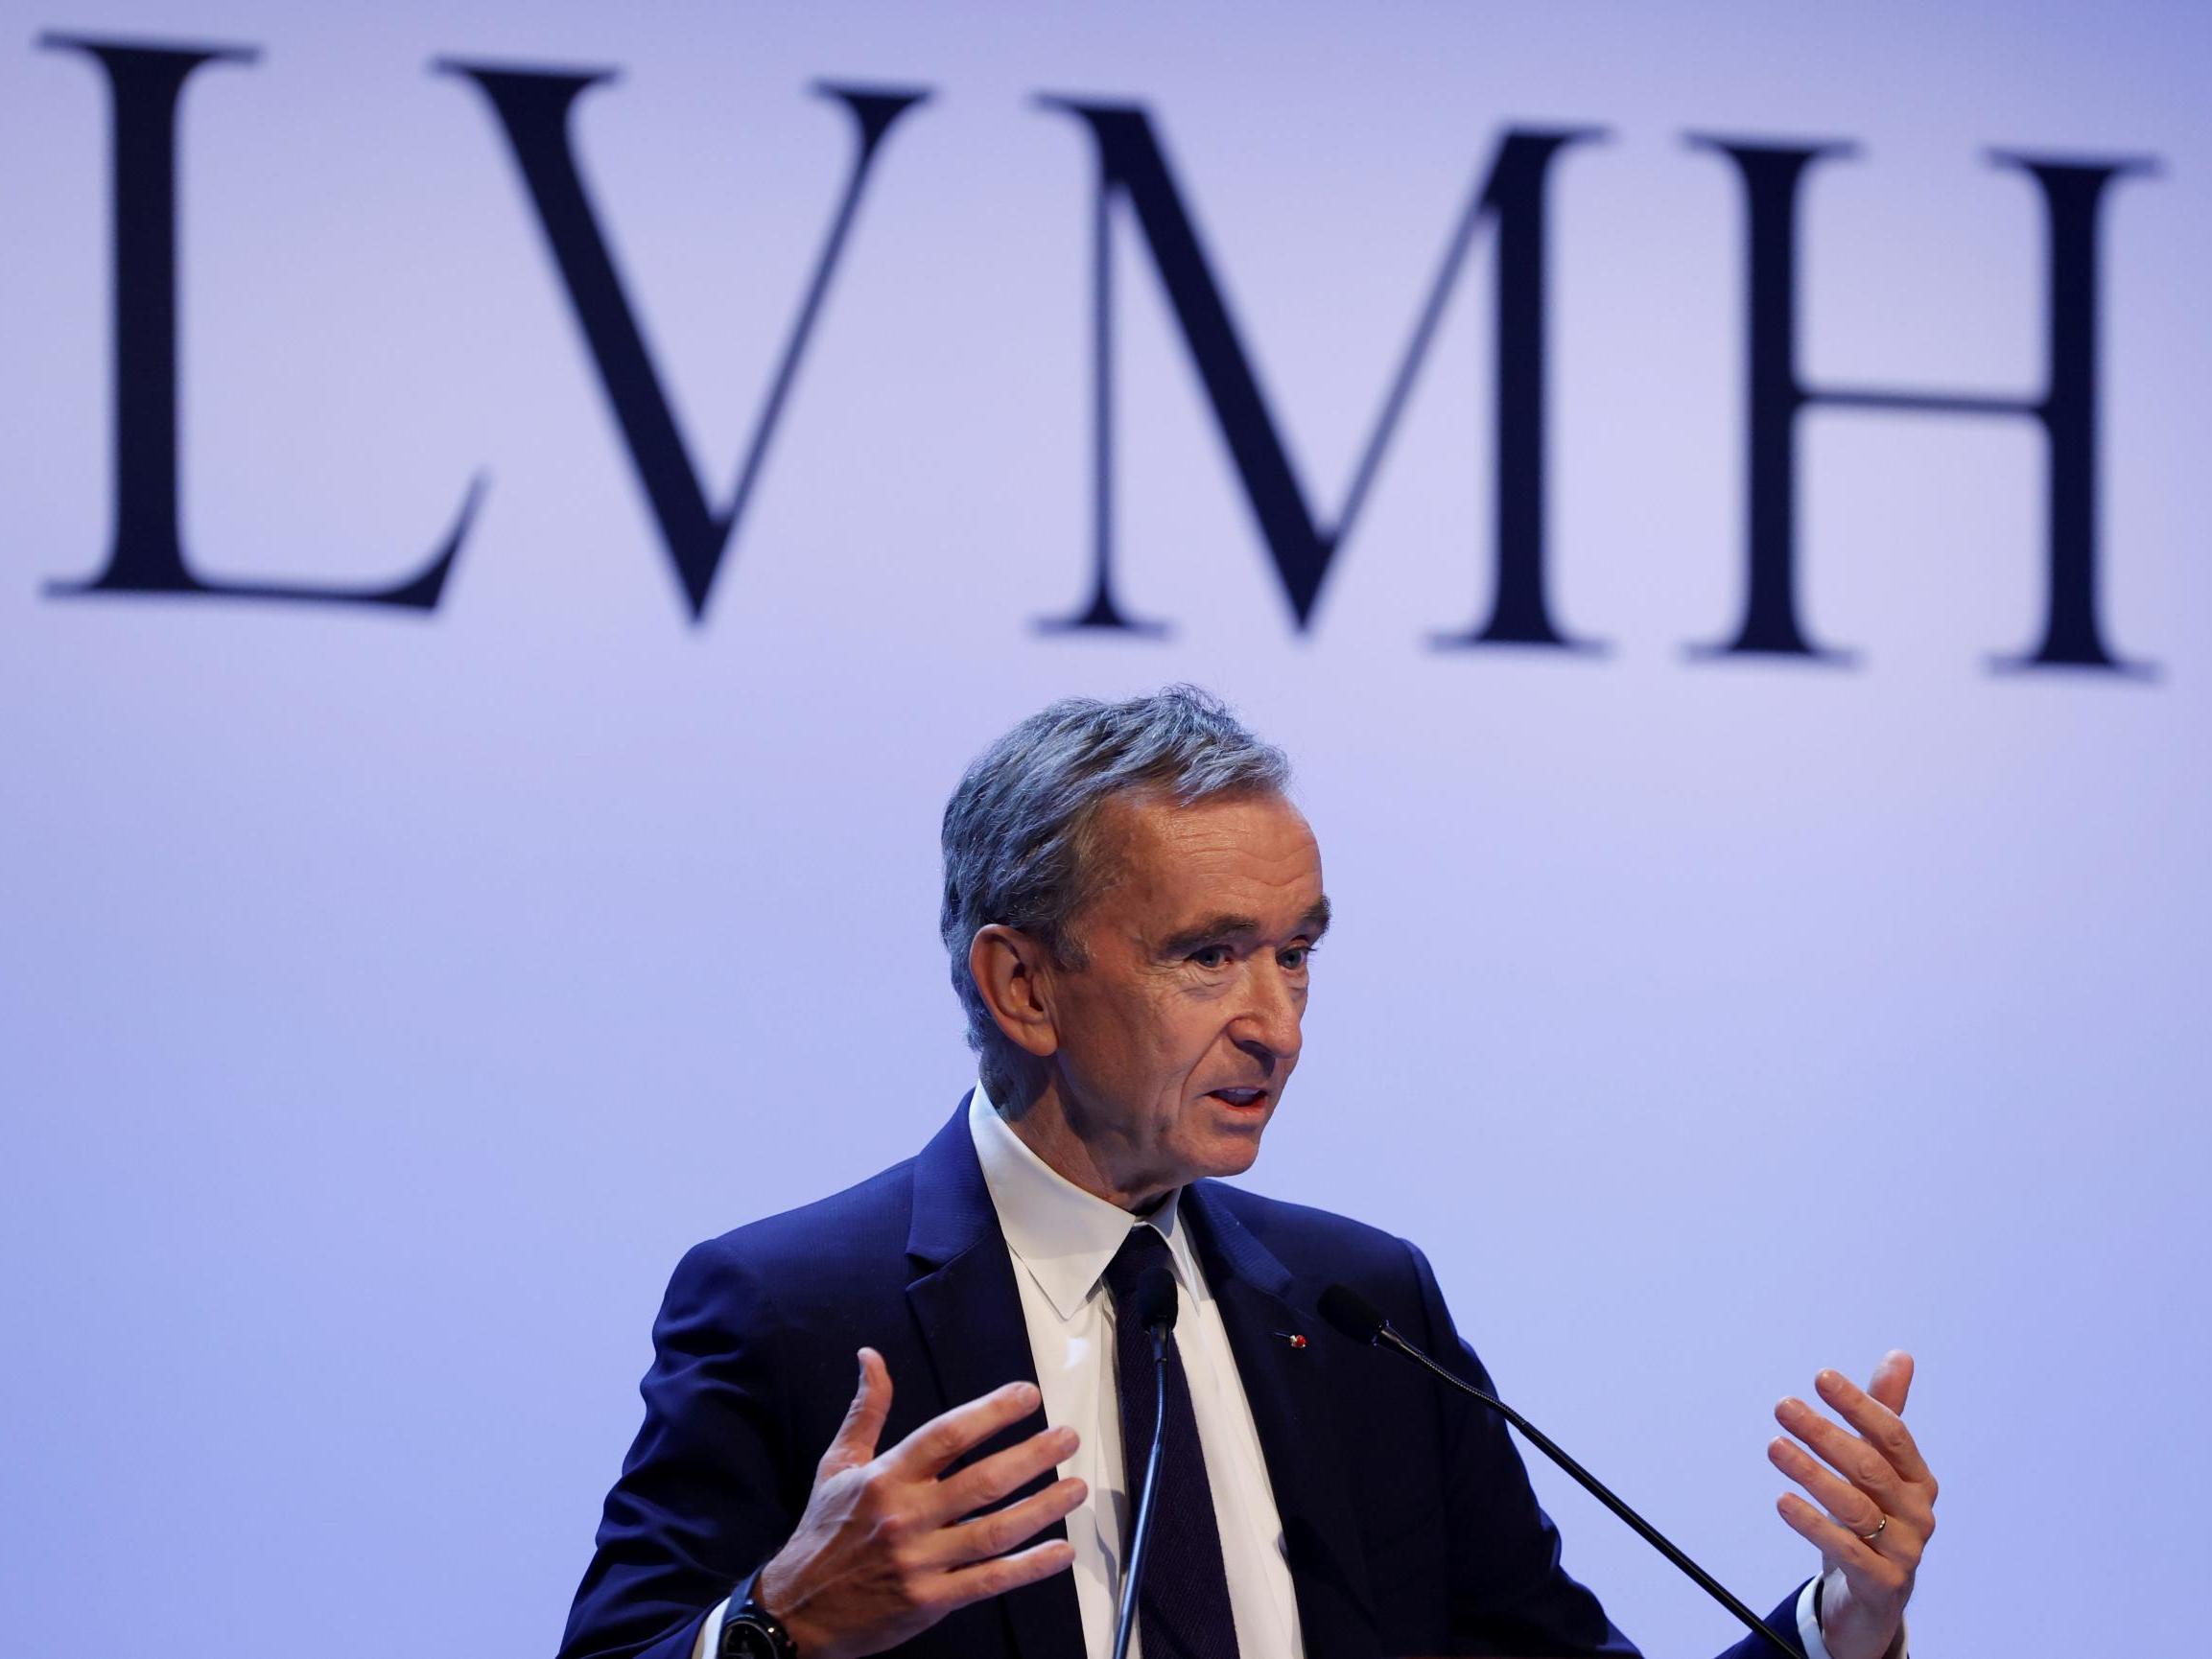 Coronavirus: Louis Vuitton owner to make hand sanitiser at perfume ...